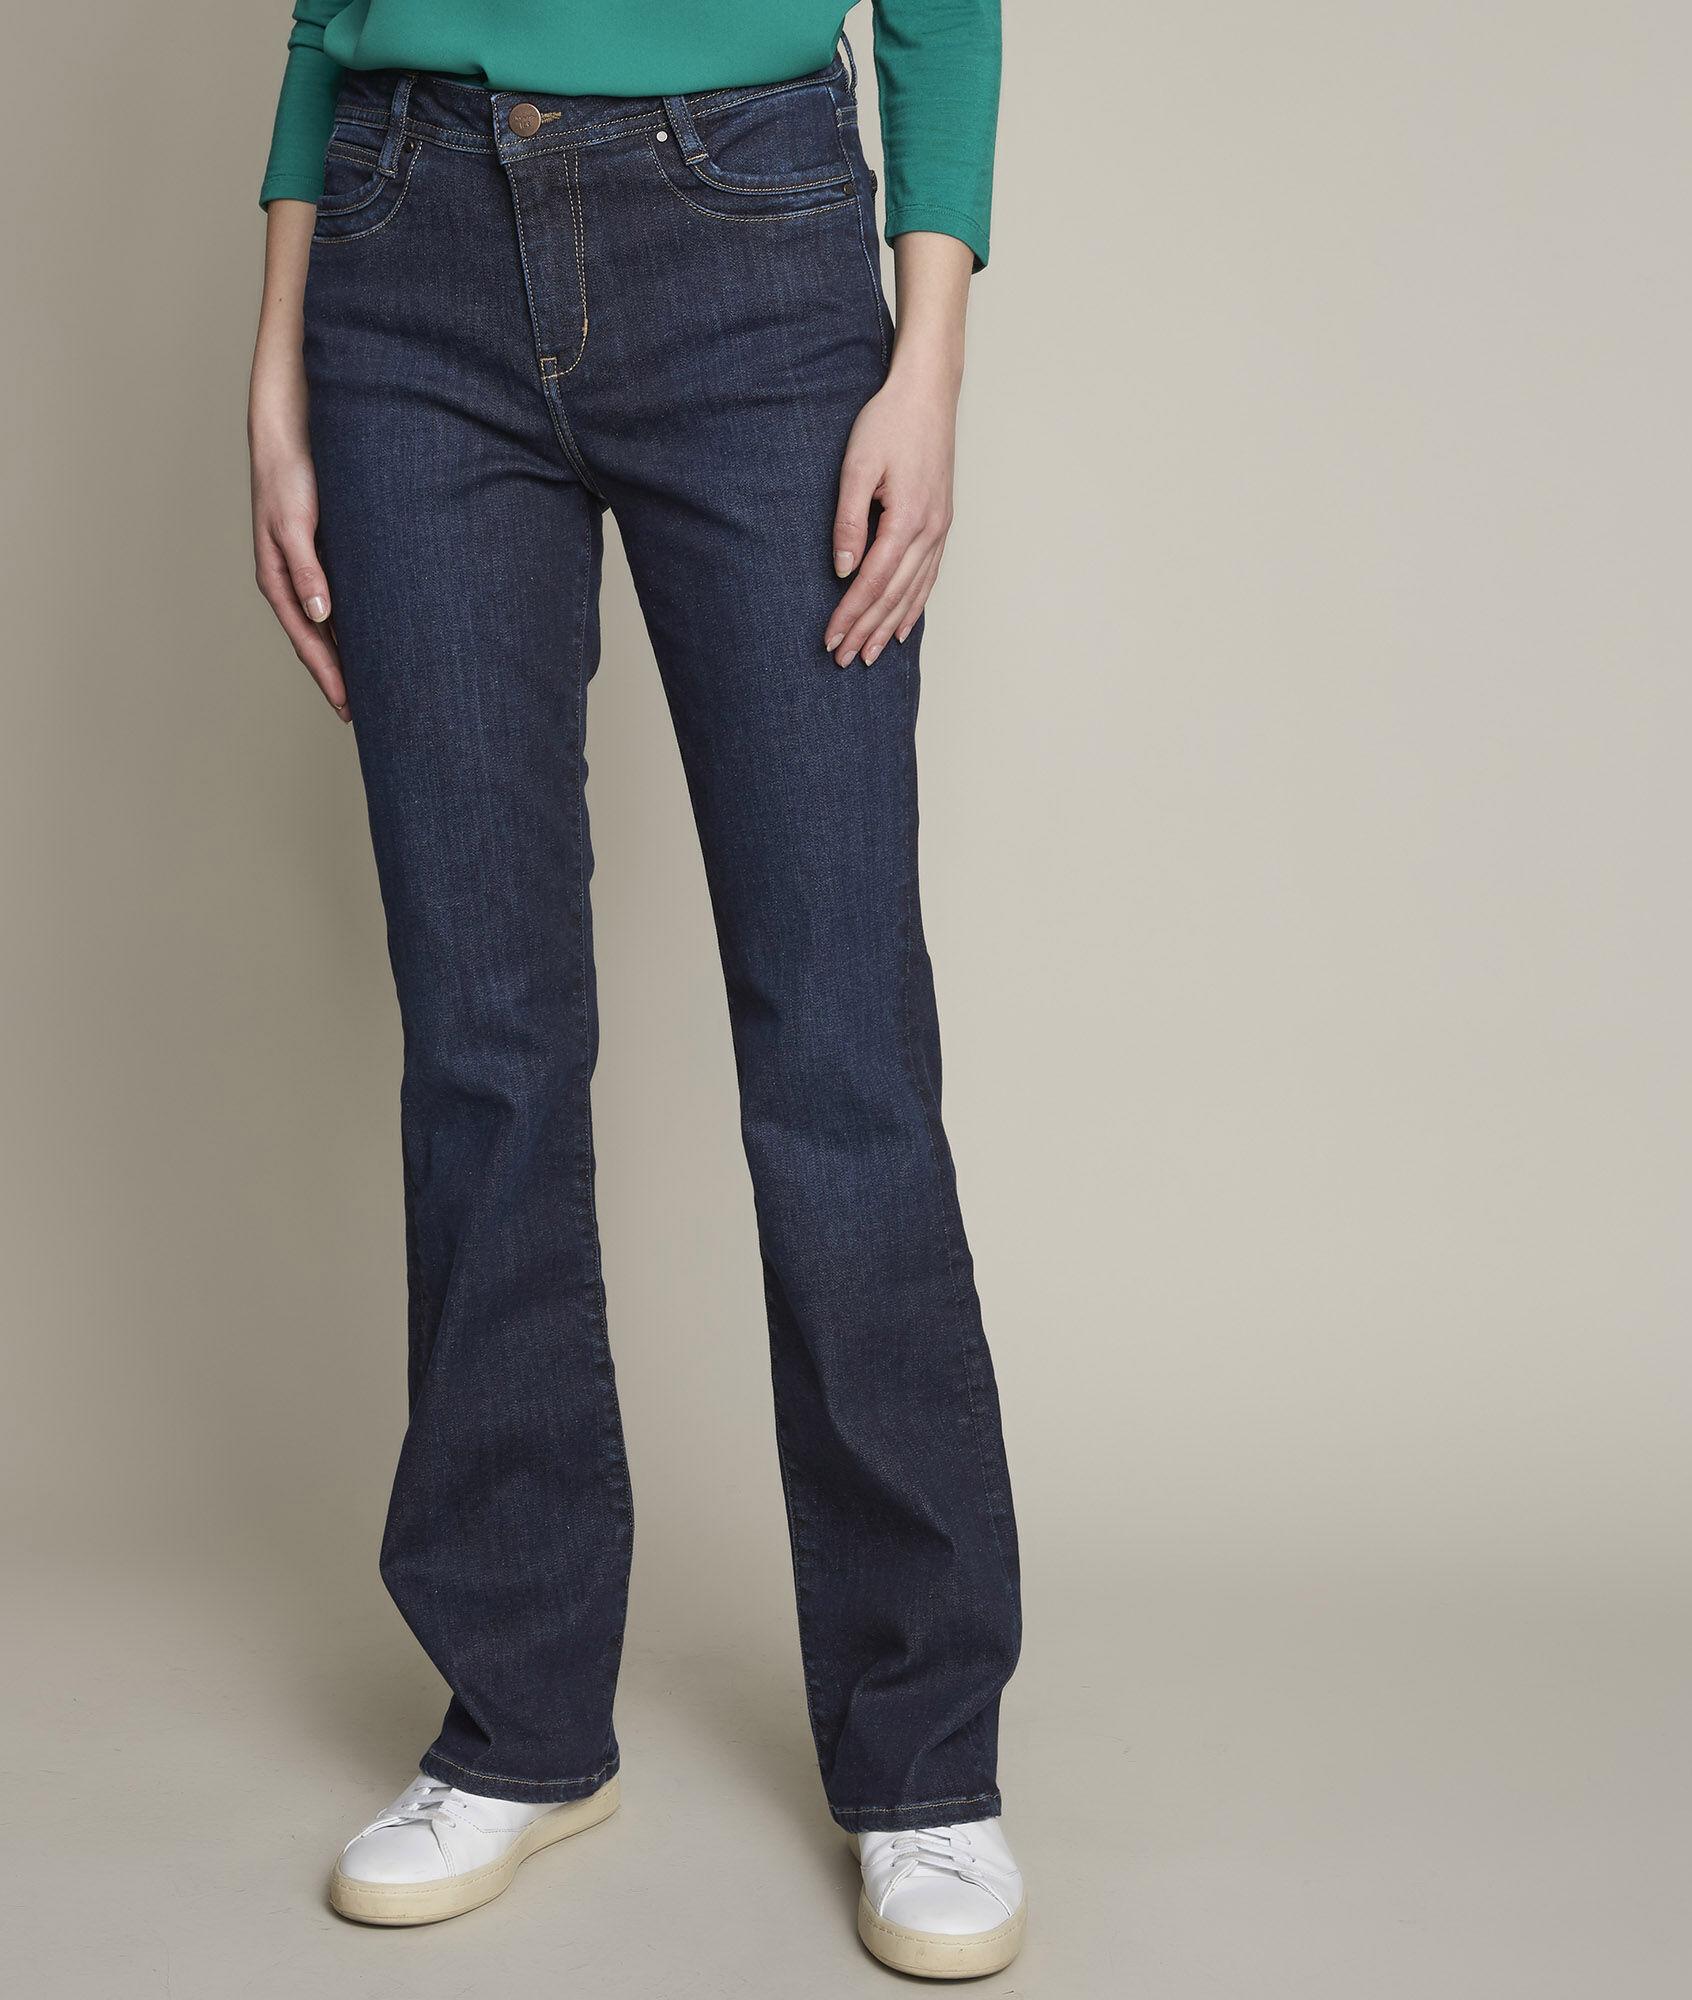 Marken Jeans neu in 24944 Solitüde for €35.00 for sale | Shpock